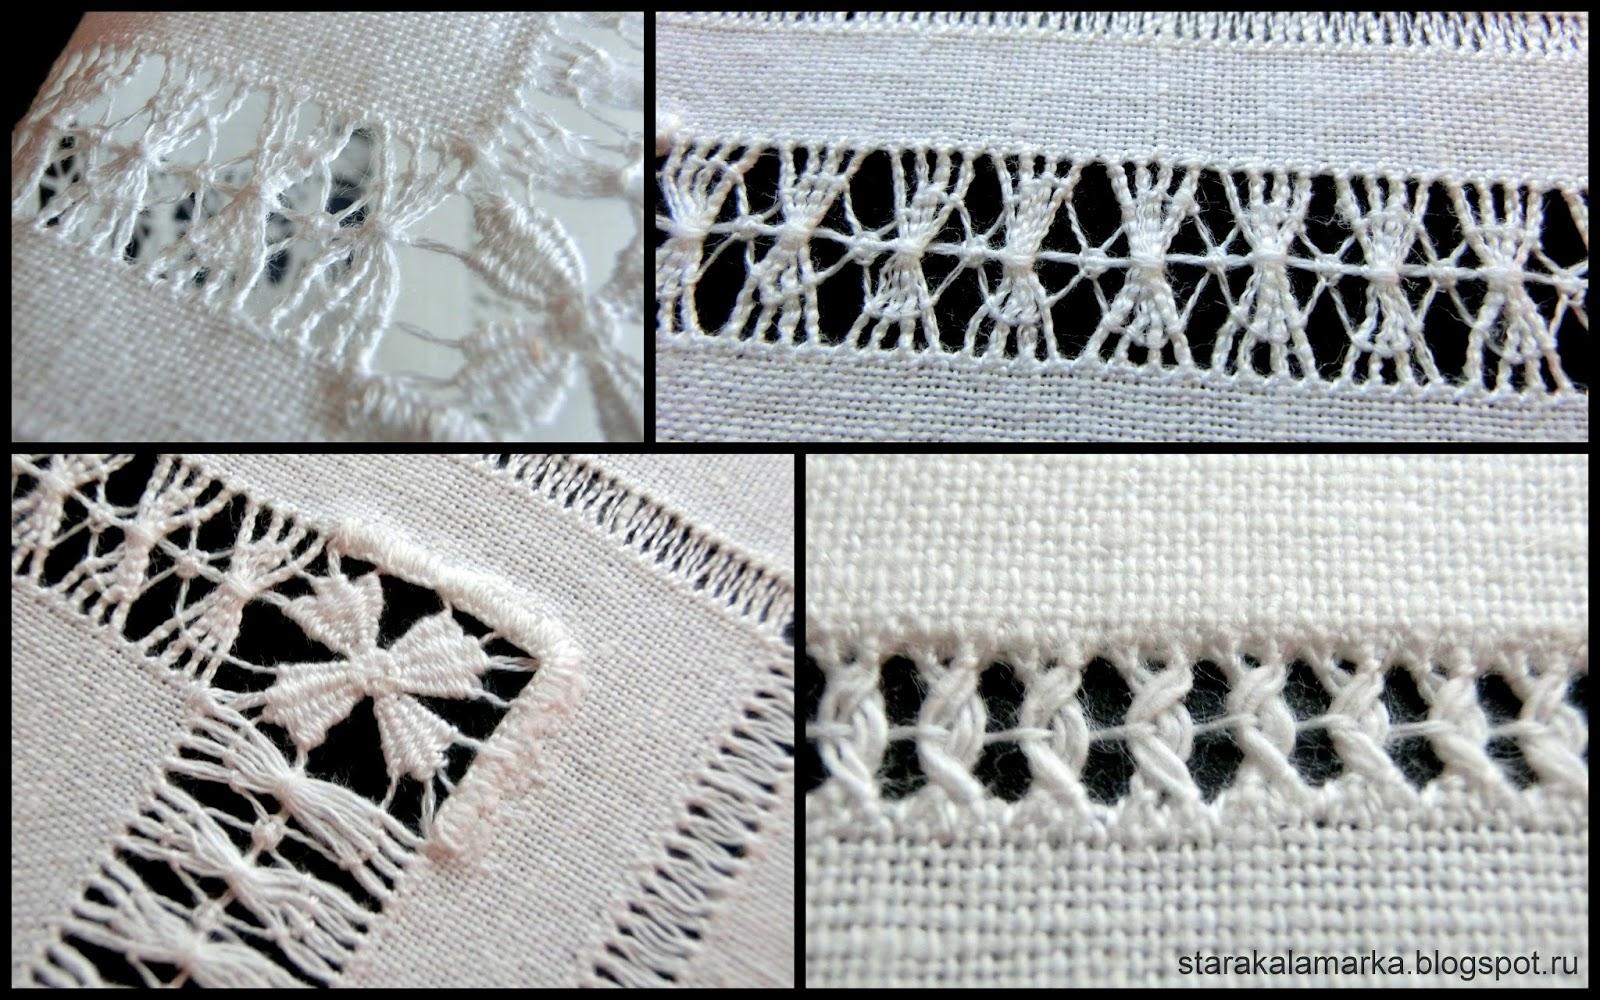 мережка, вышивка мережкой, салфетка с вышивкой, прикладная вышивка